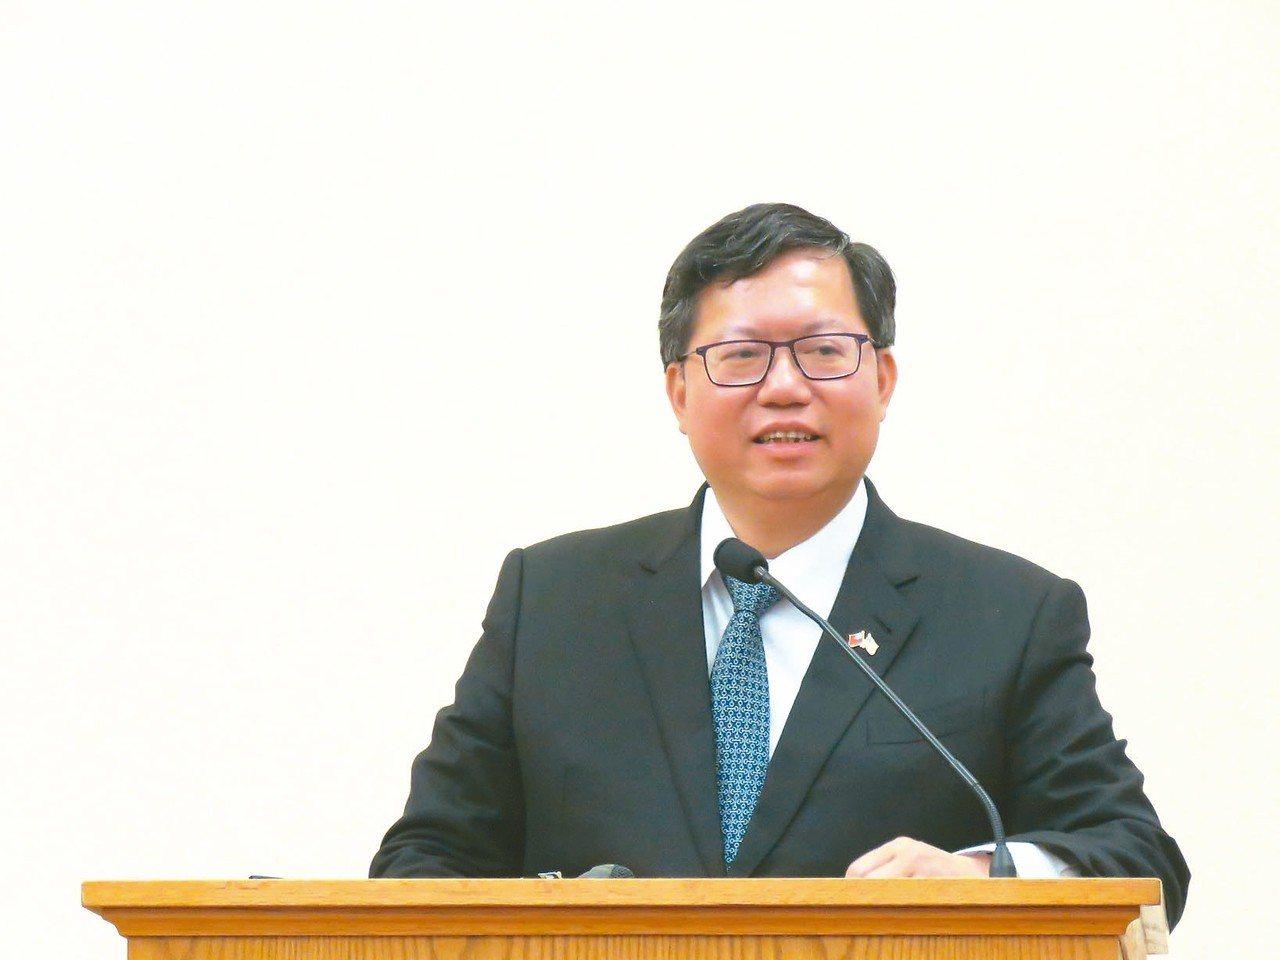 桃園市長鄭文燦在美國華府向僑界發表演說。 華盛頓記者張加/攝影